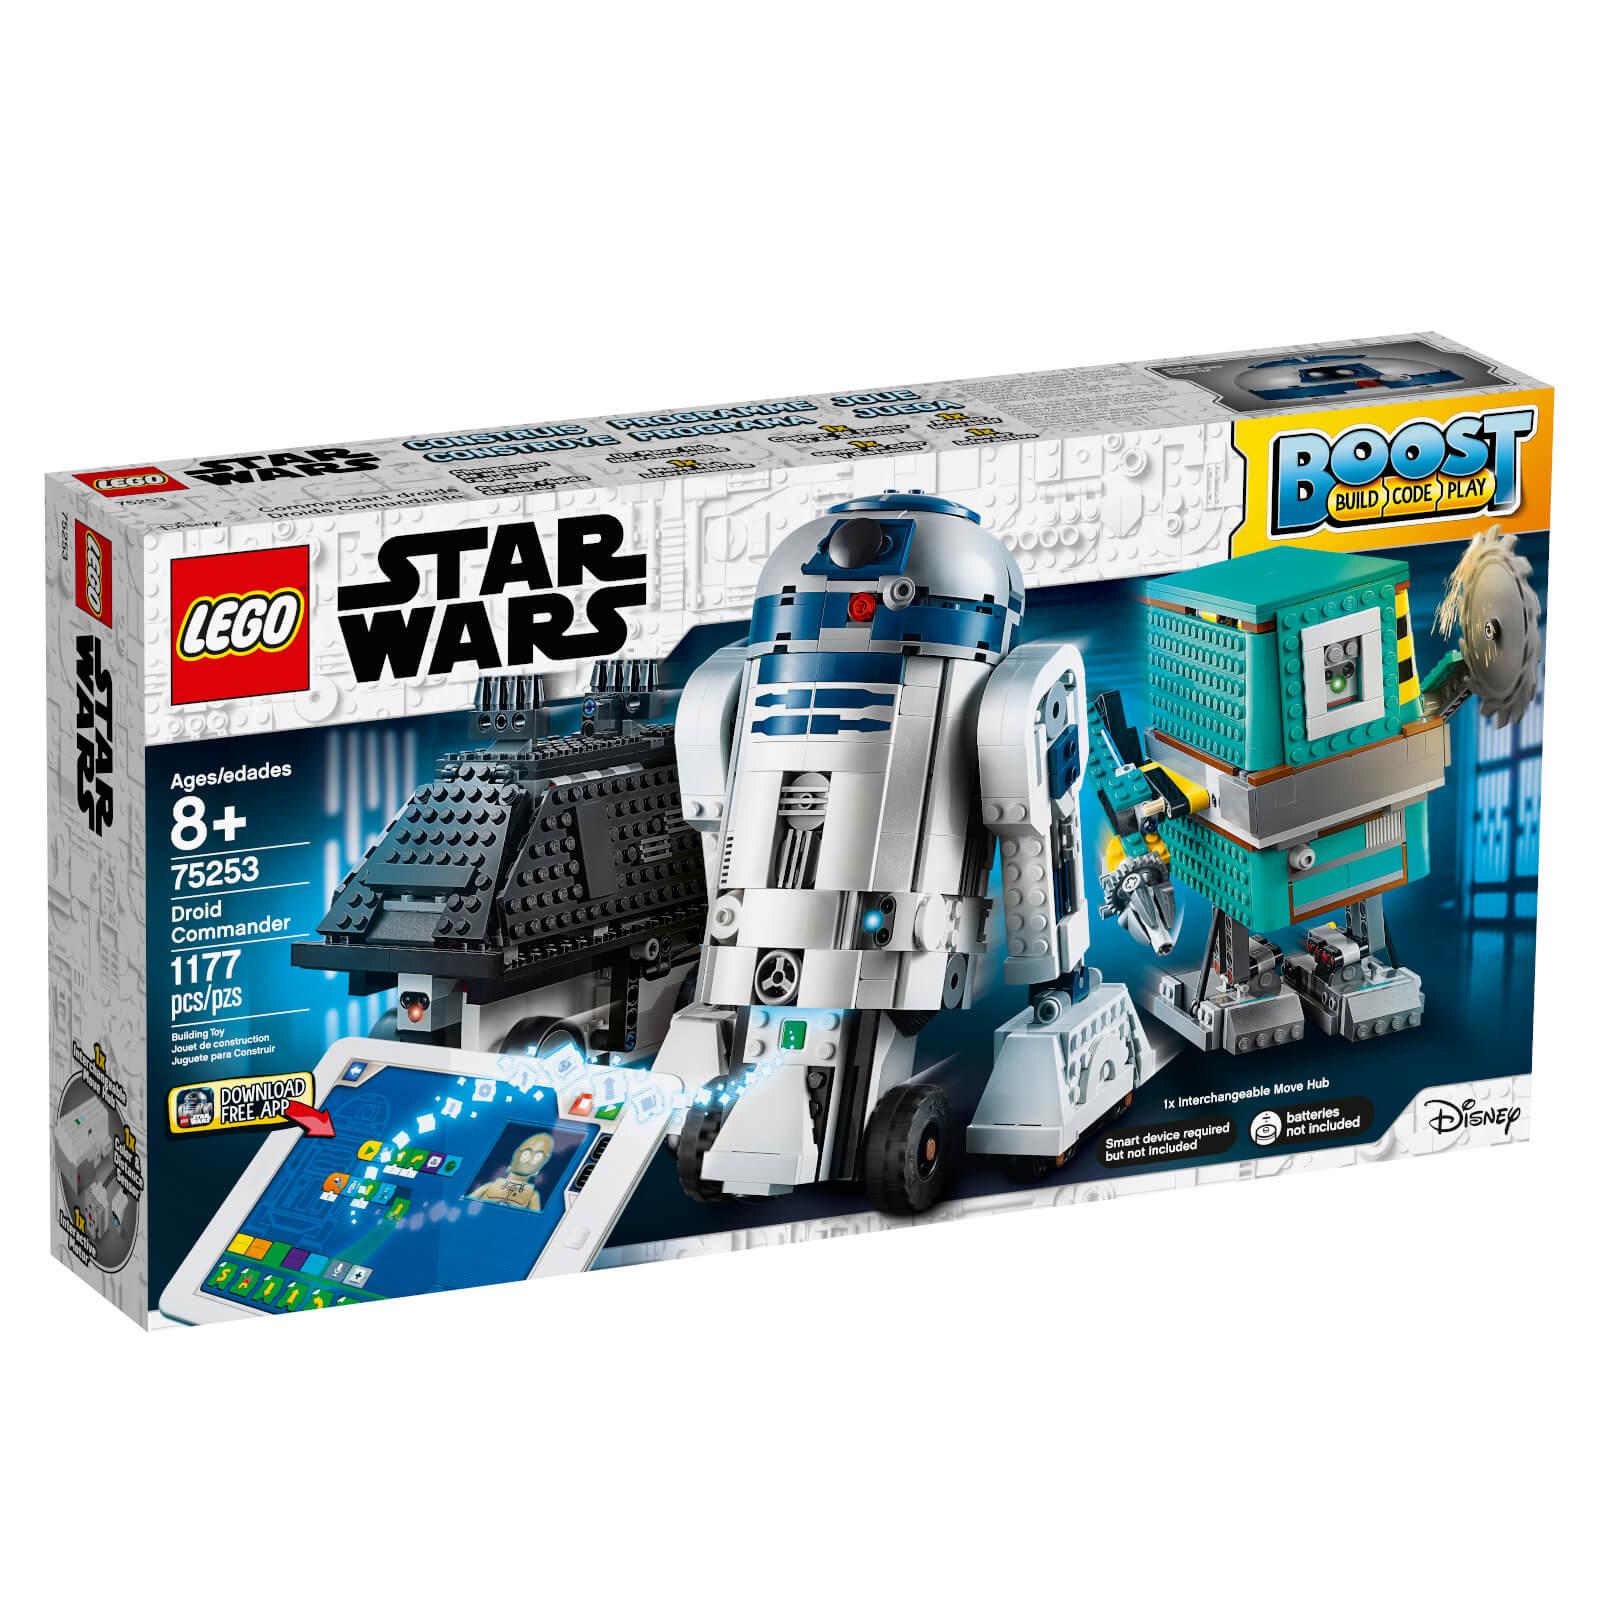 LEGO Star Wars: Boost Droid Commander (75253) £114.99 Zavvi